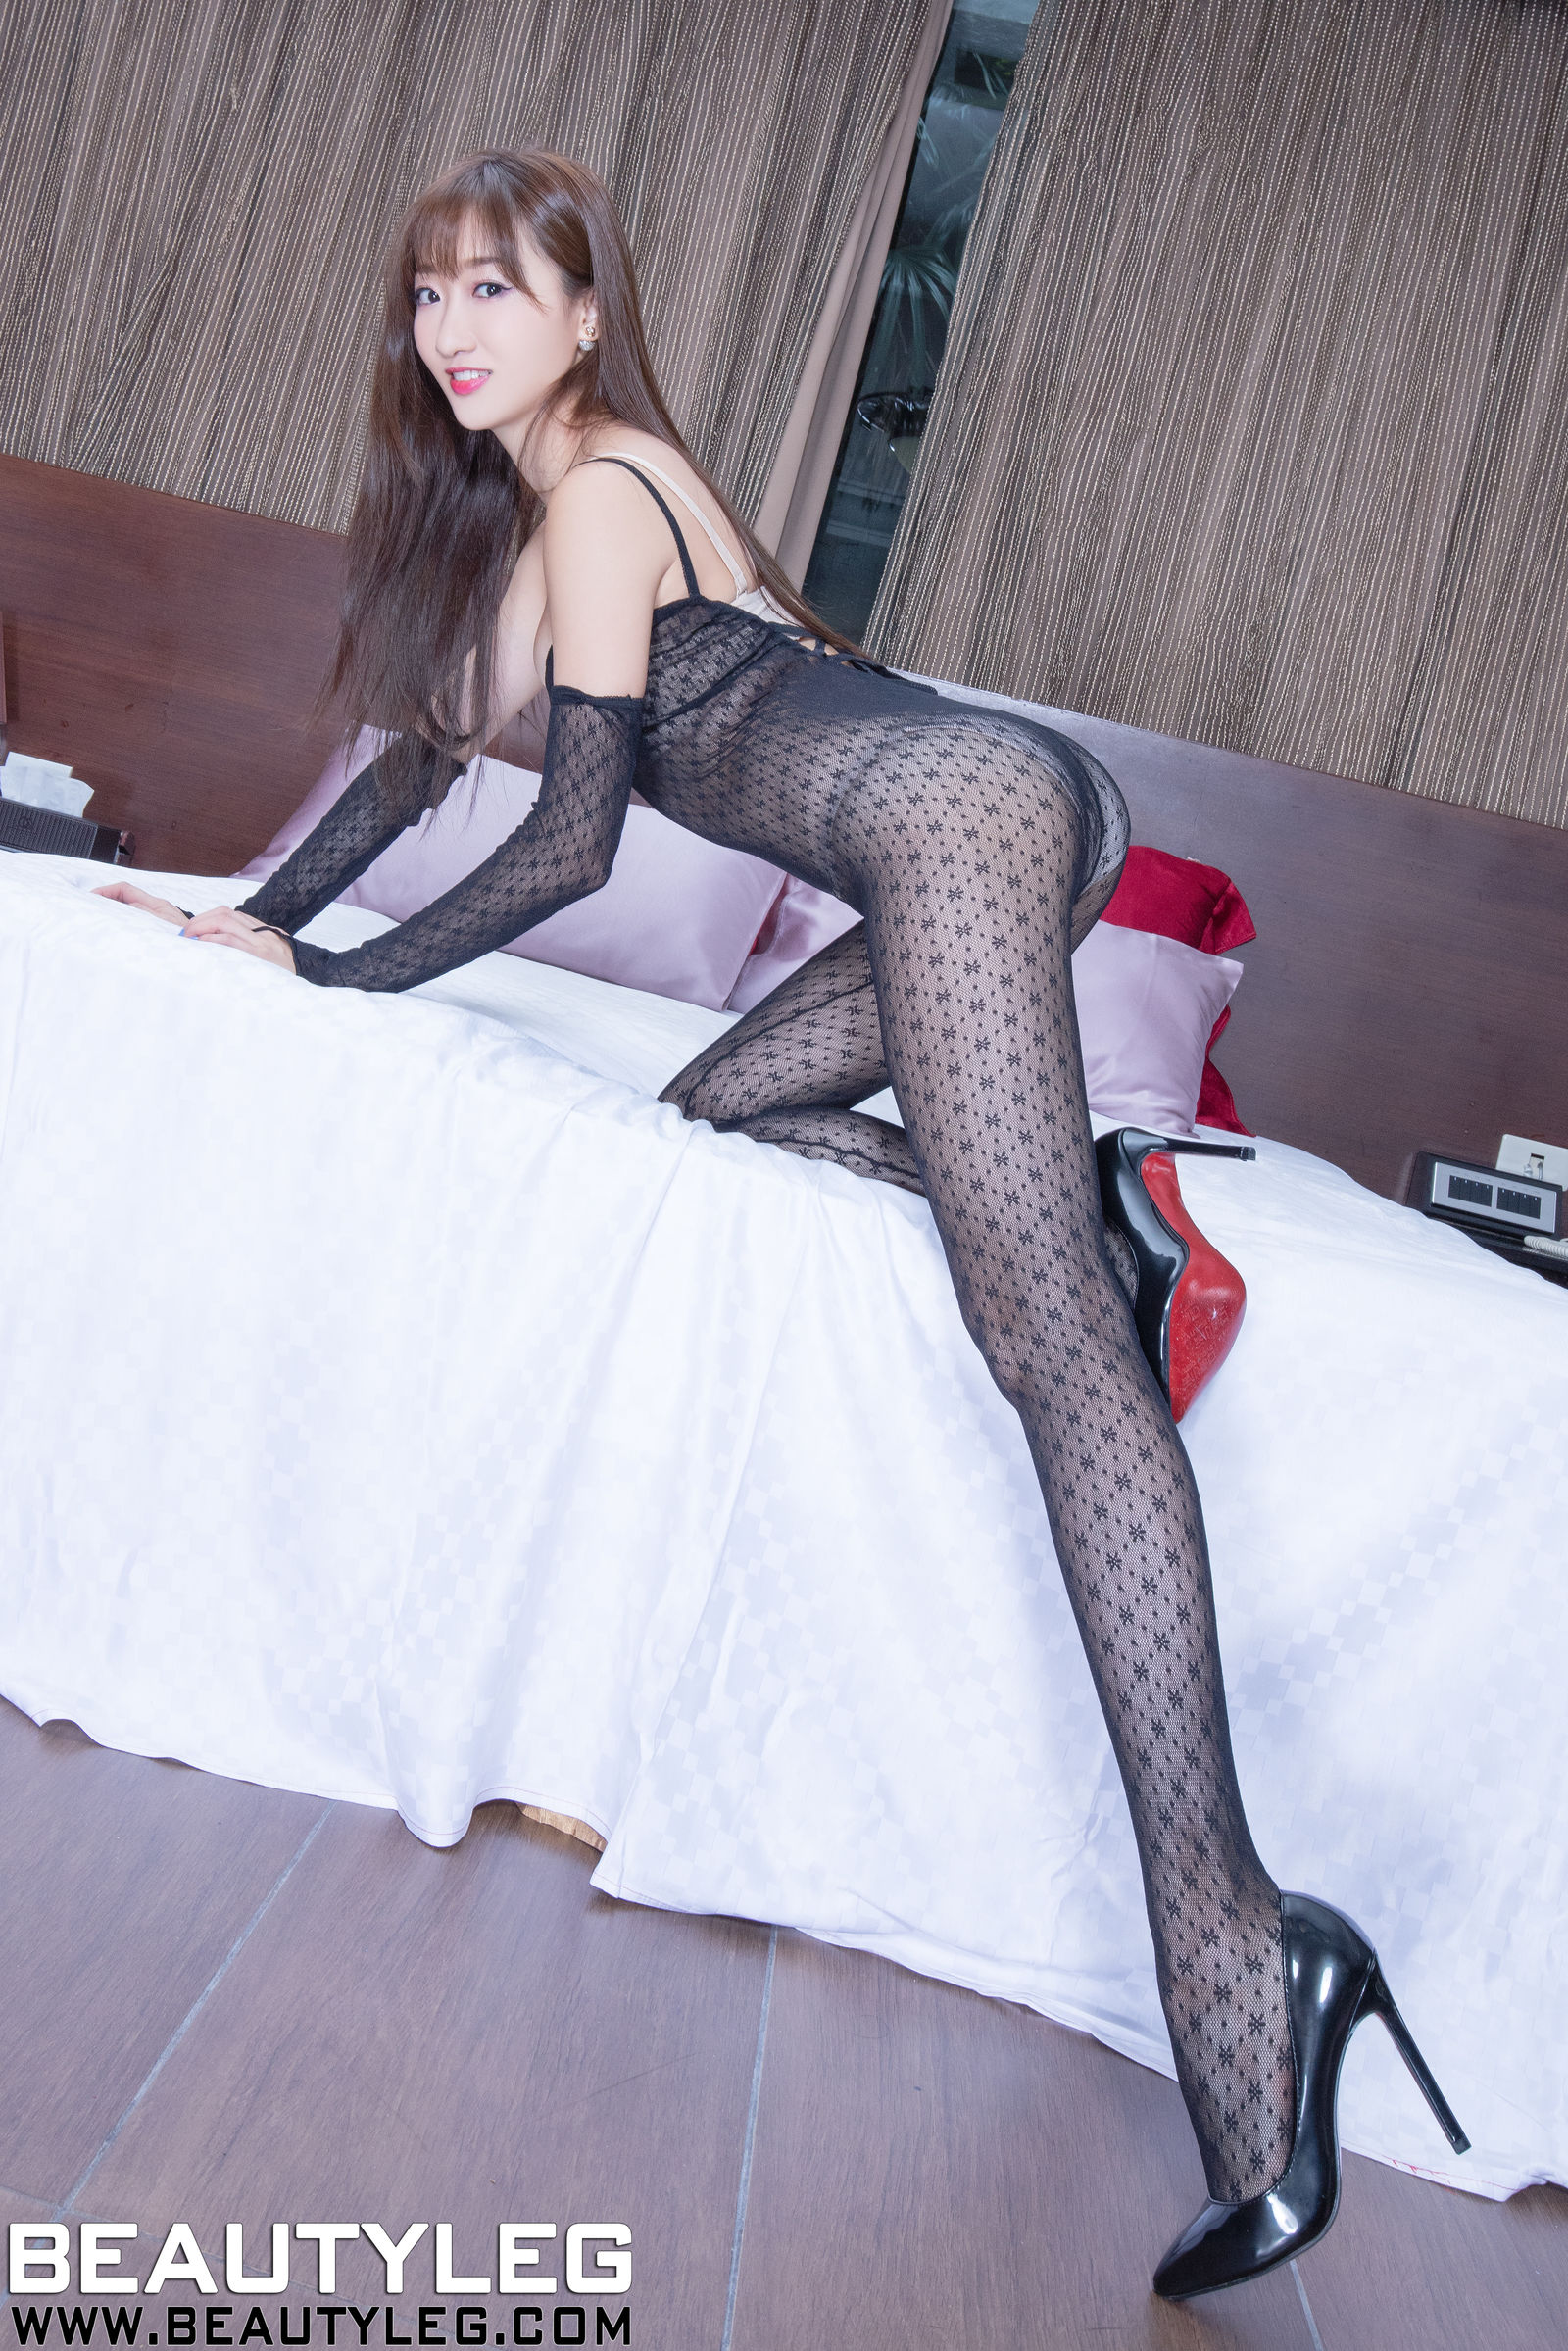 腿模Minnie - 丝袜+旗袍+制服美腿写真